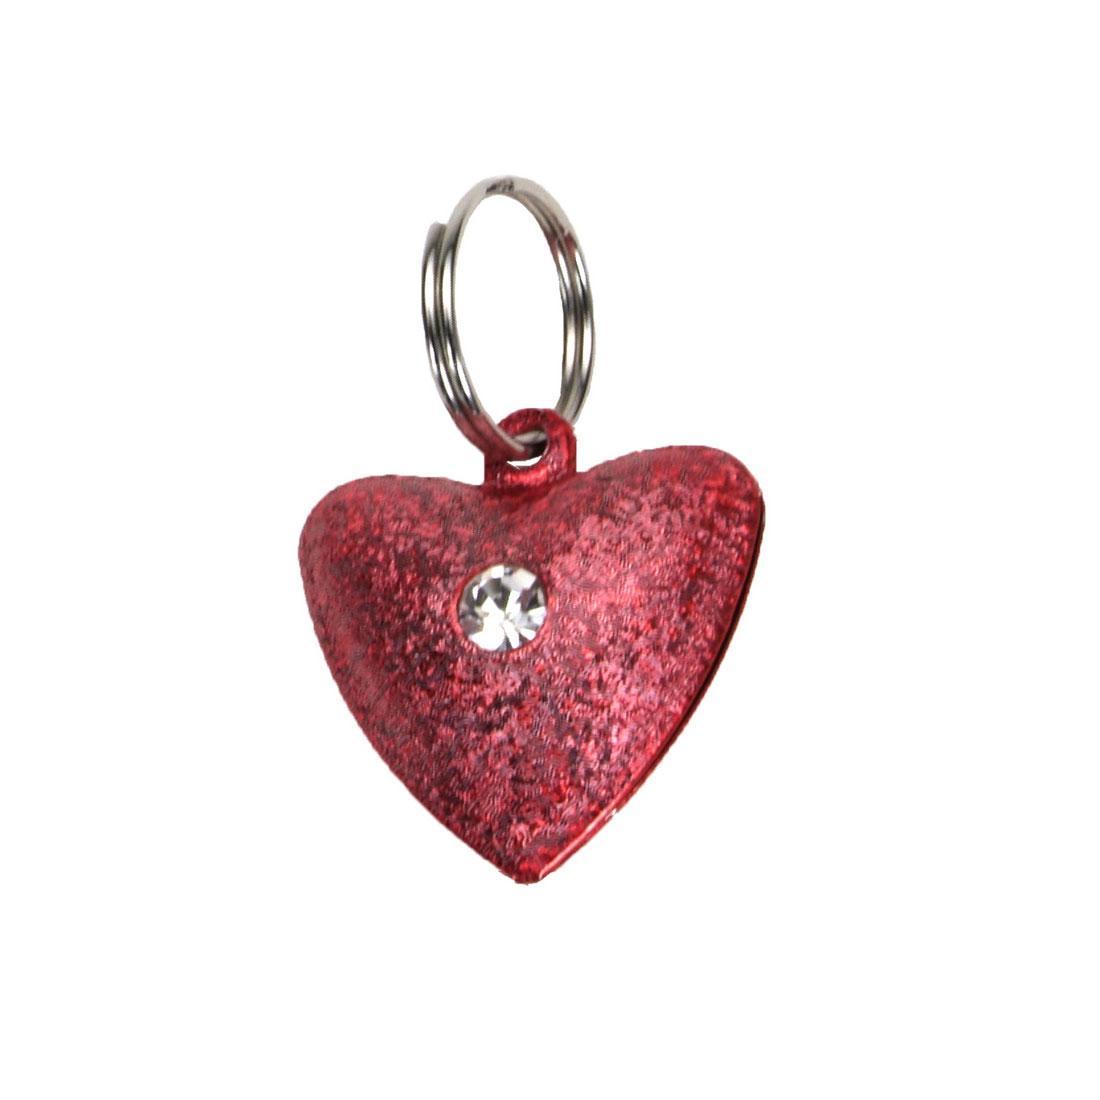 Coastal Frosted Designer Heart Cat Bells Image